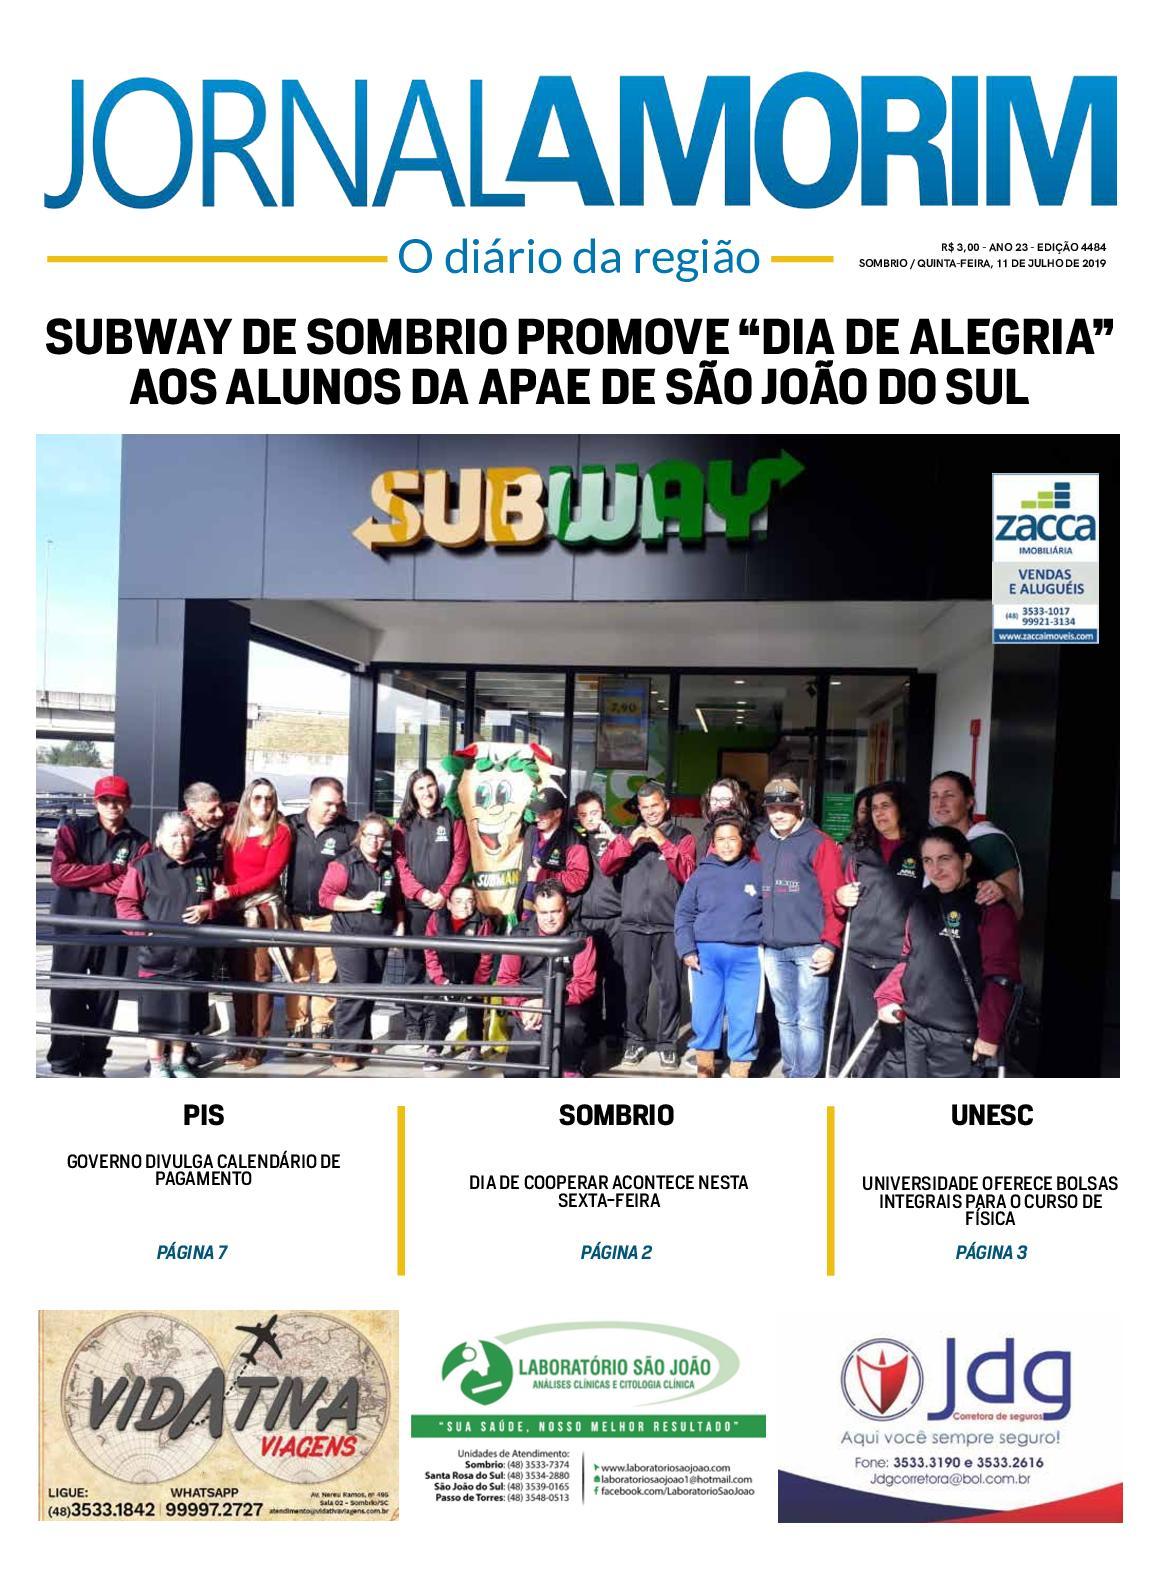 Jornal Amorim 11-07-2019